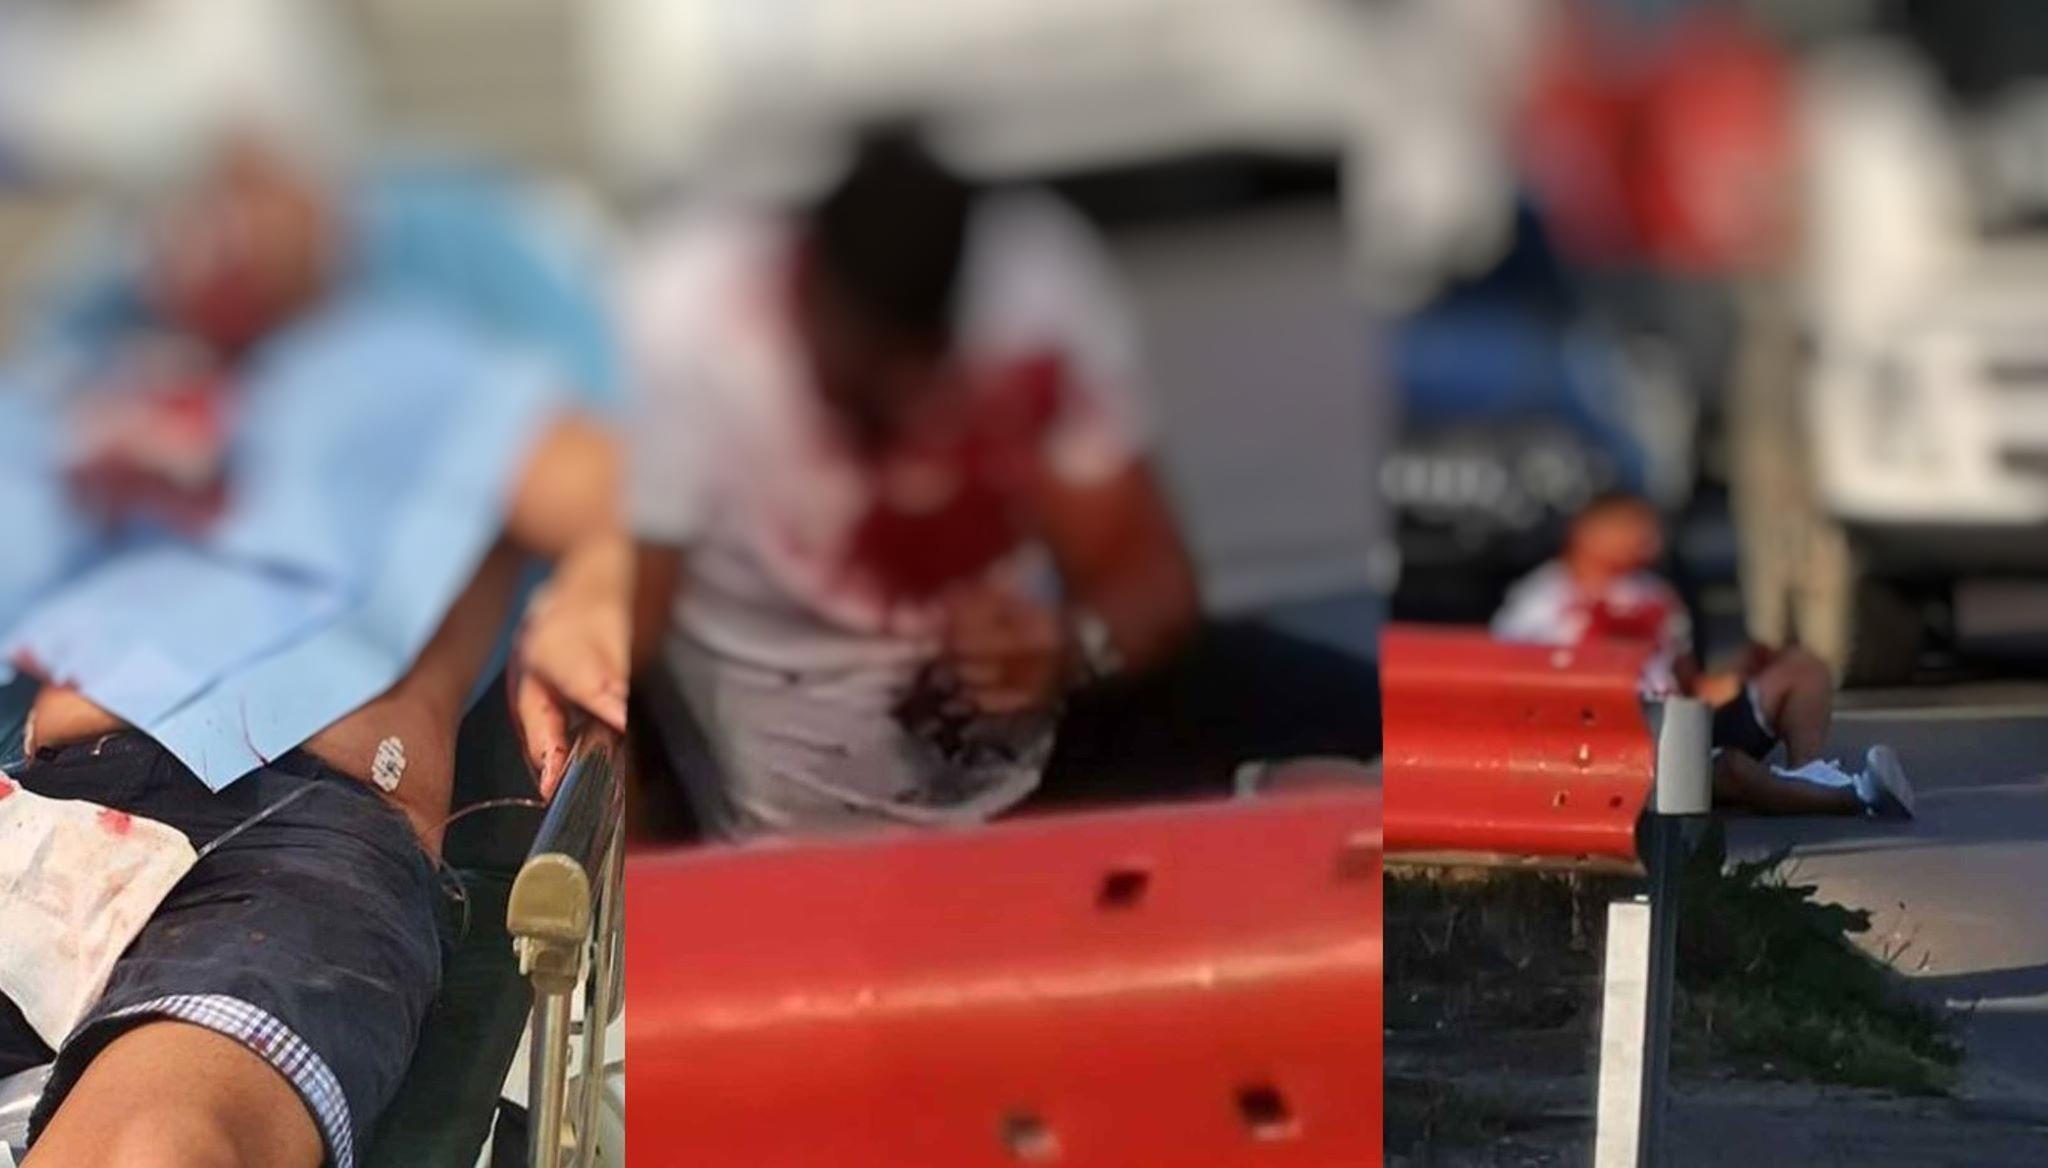 Fratele Alinei Pană de la Exatlon a fost bătut și tăiat de interlopi